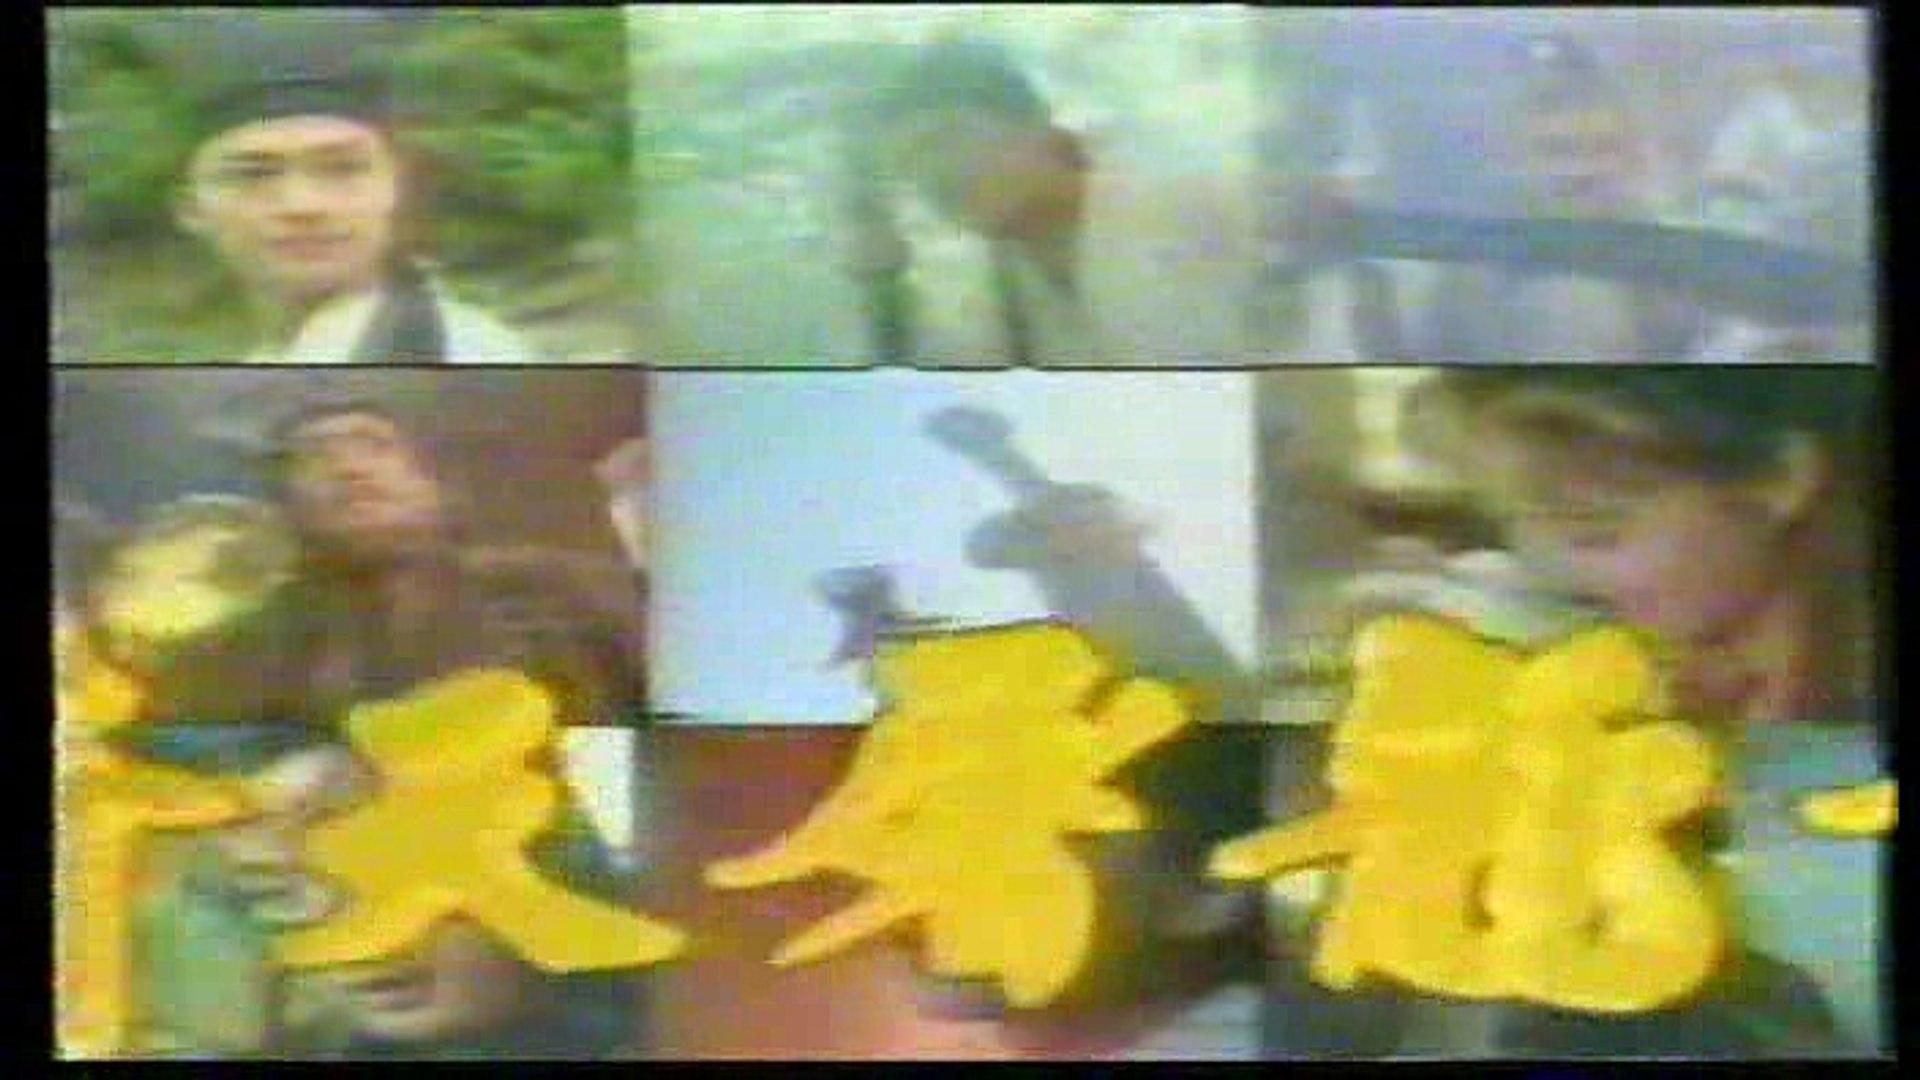 กระบี่ฟ้า ดาบมังกร 1994 (เตียบ่อกี้)The Heaven